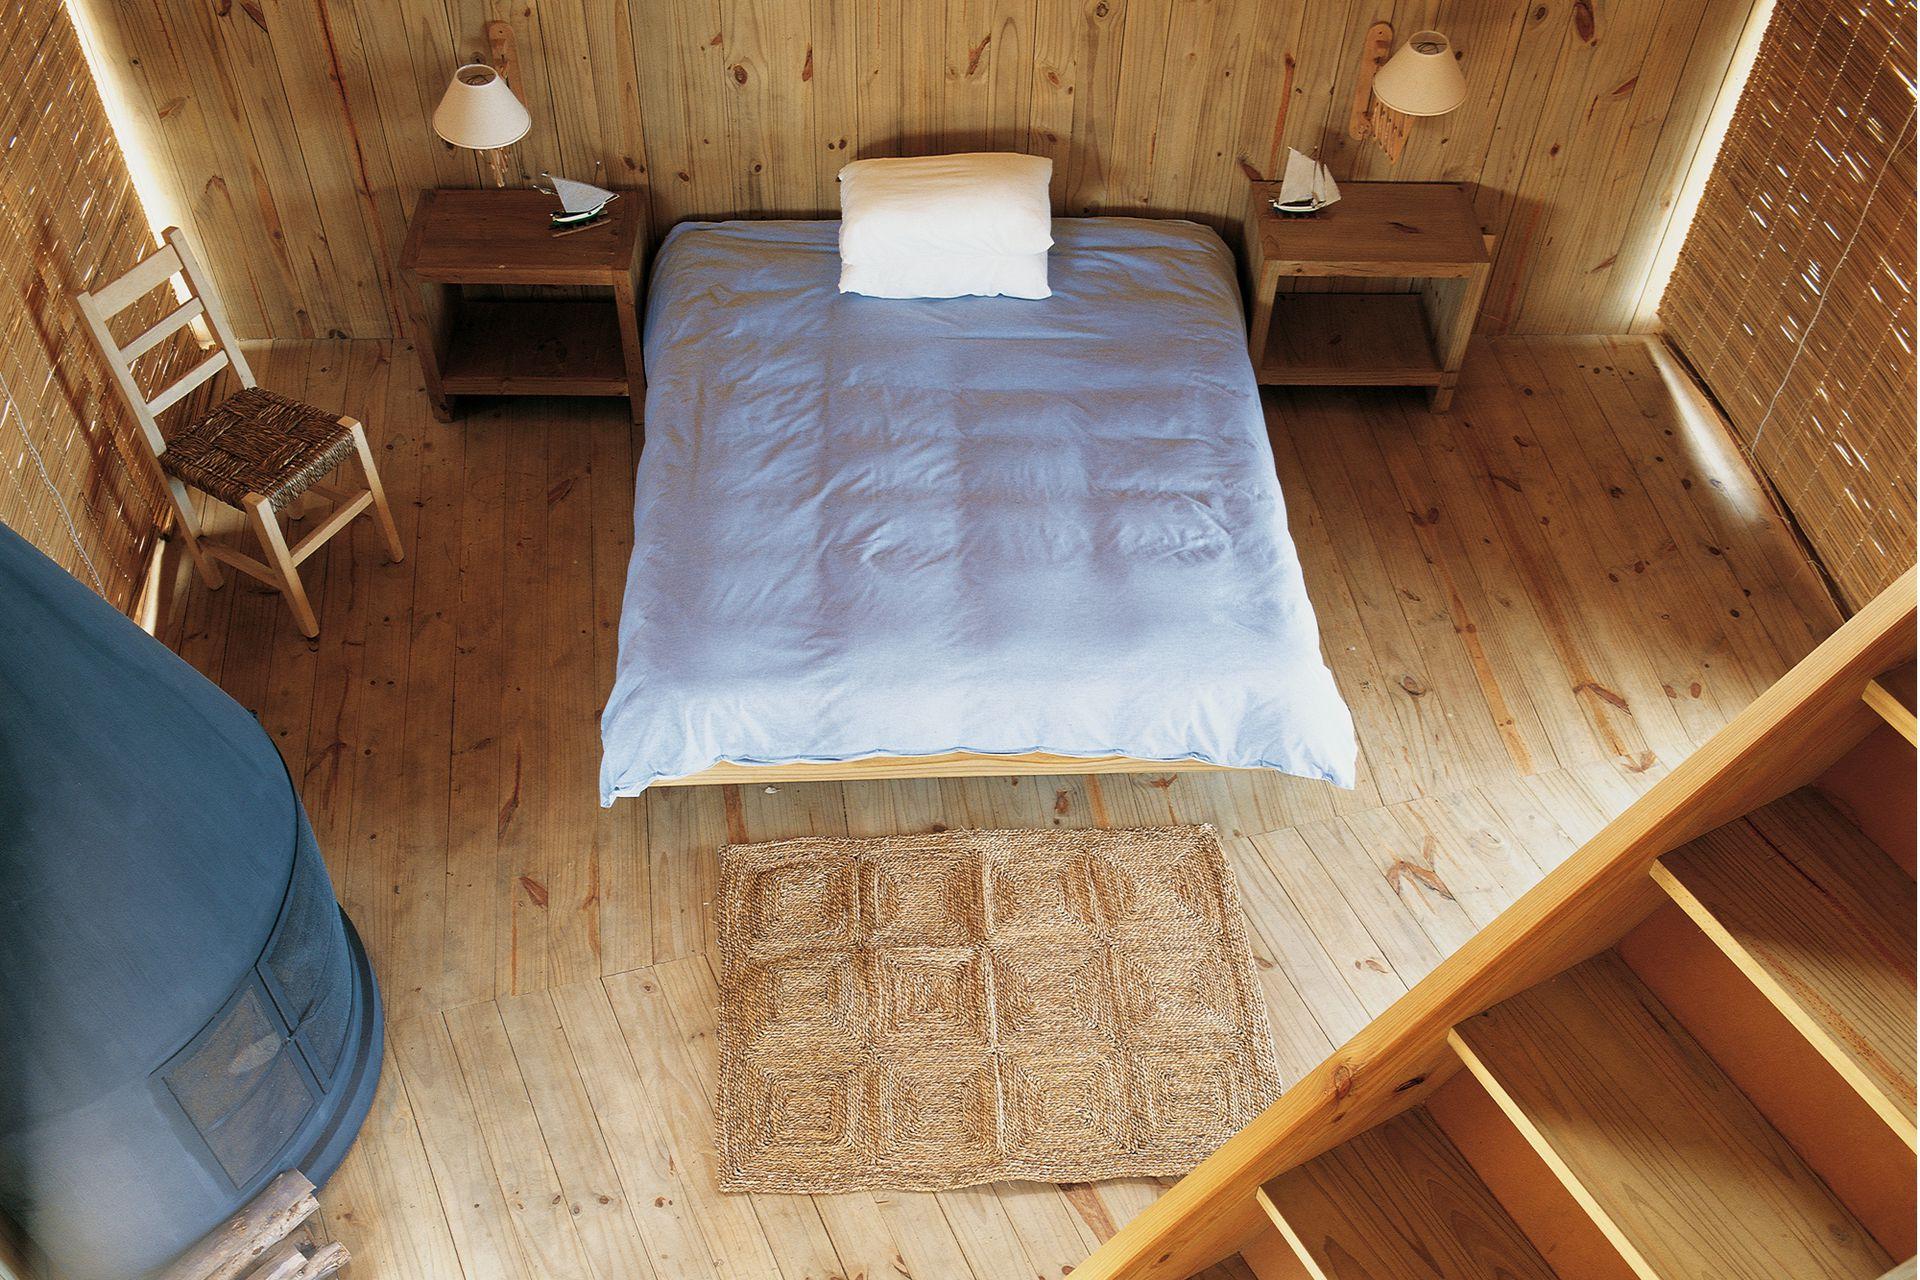 El dormitorio principal, con la misma pureza extrema en muebles y objetos que el resto de la casa, tiene estufa propia.